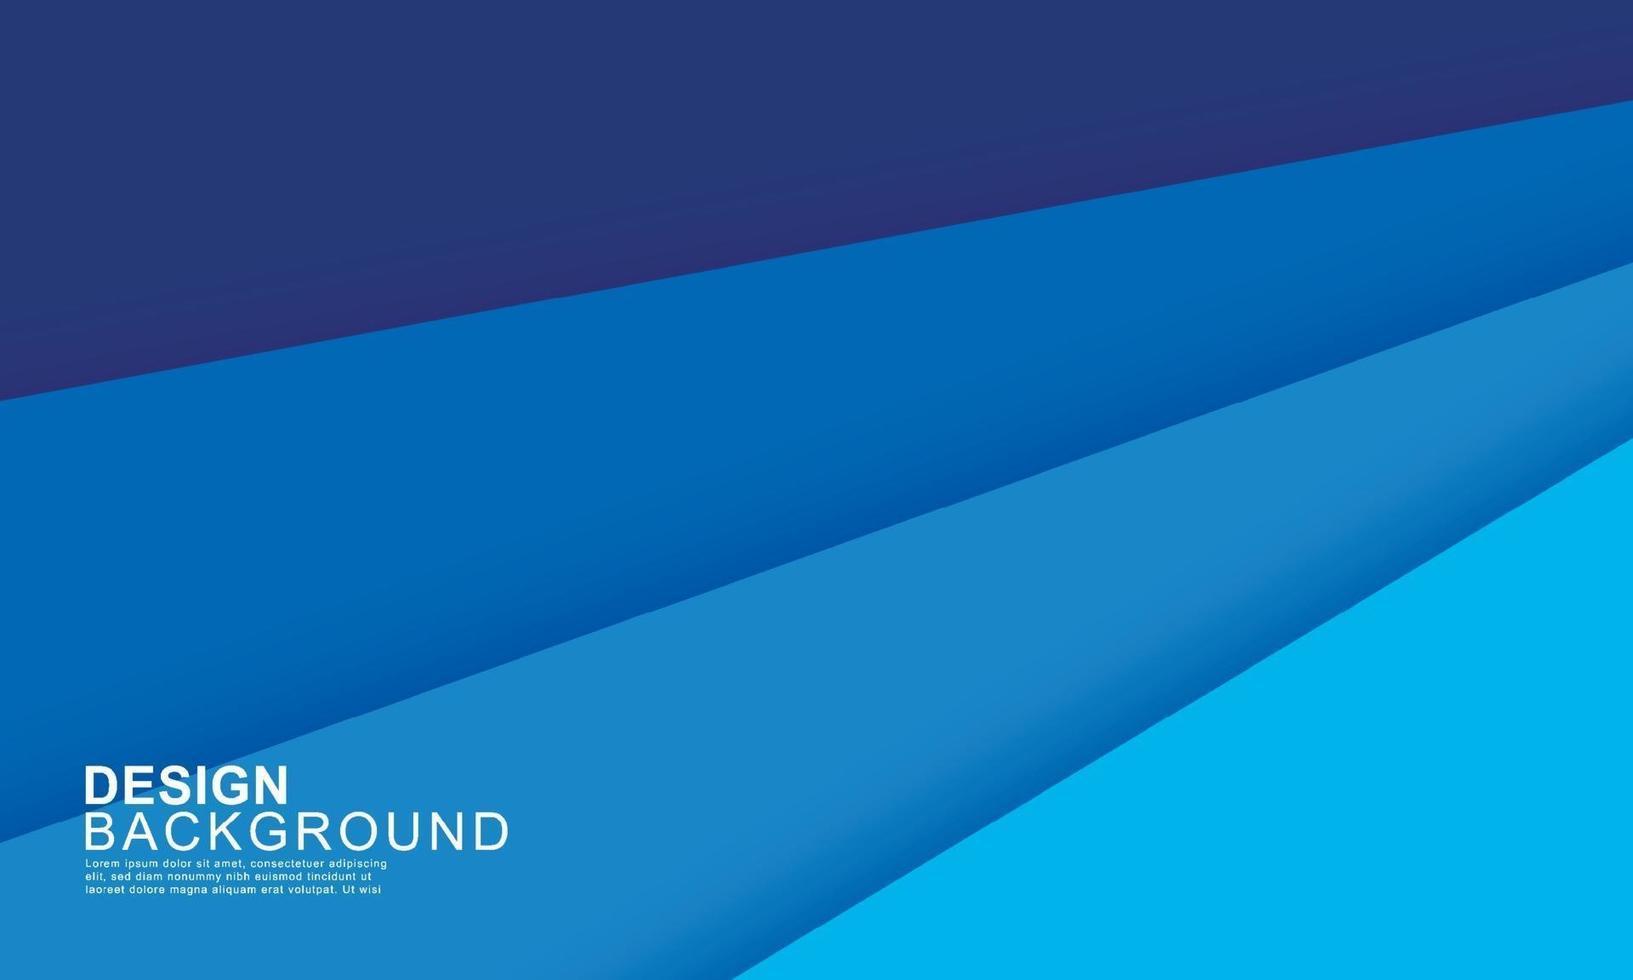 fondo astratto blu di strato di carta. utilizzare per banner, copertina, poster, carta da parati, design con spazio per il testo. vettore